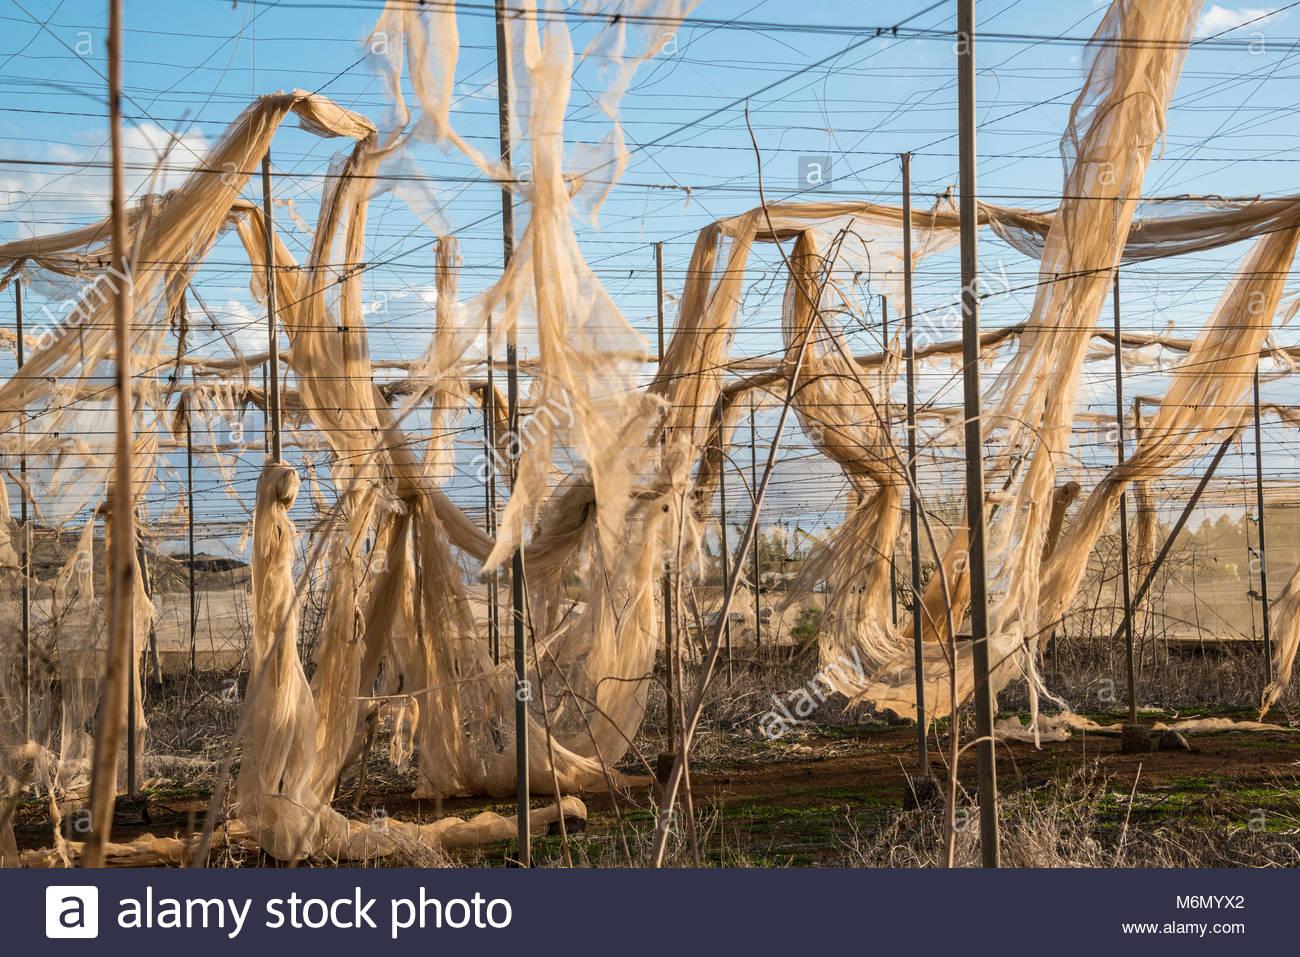 abandoned-banana-plantations-near-alcala